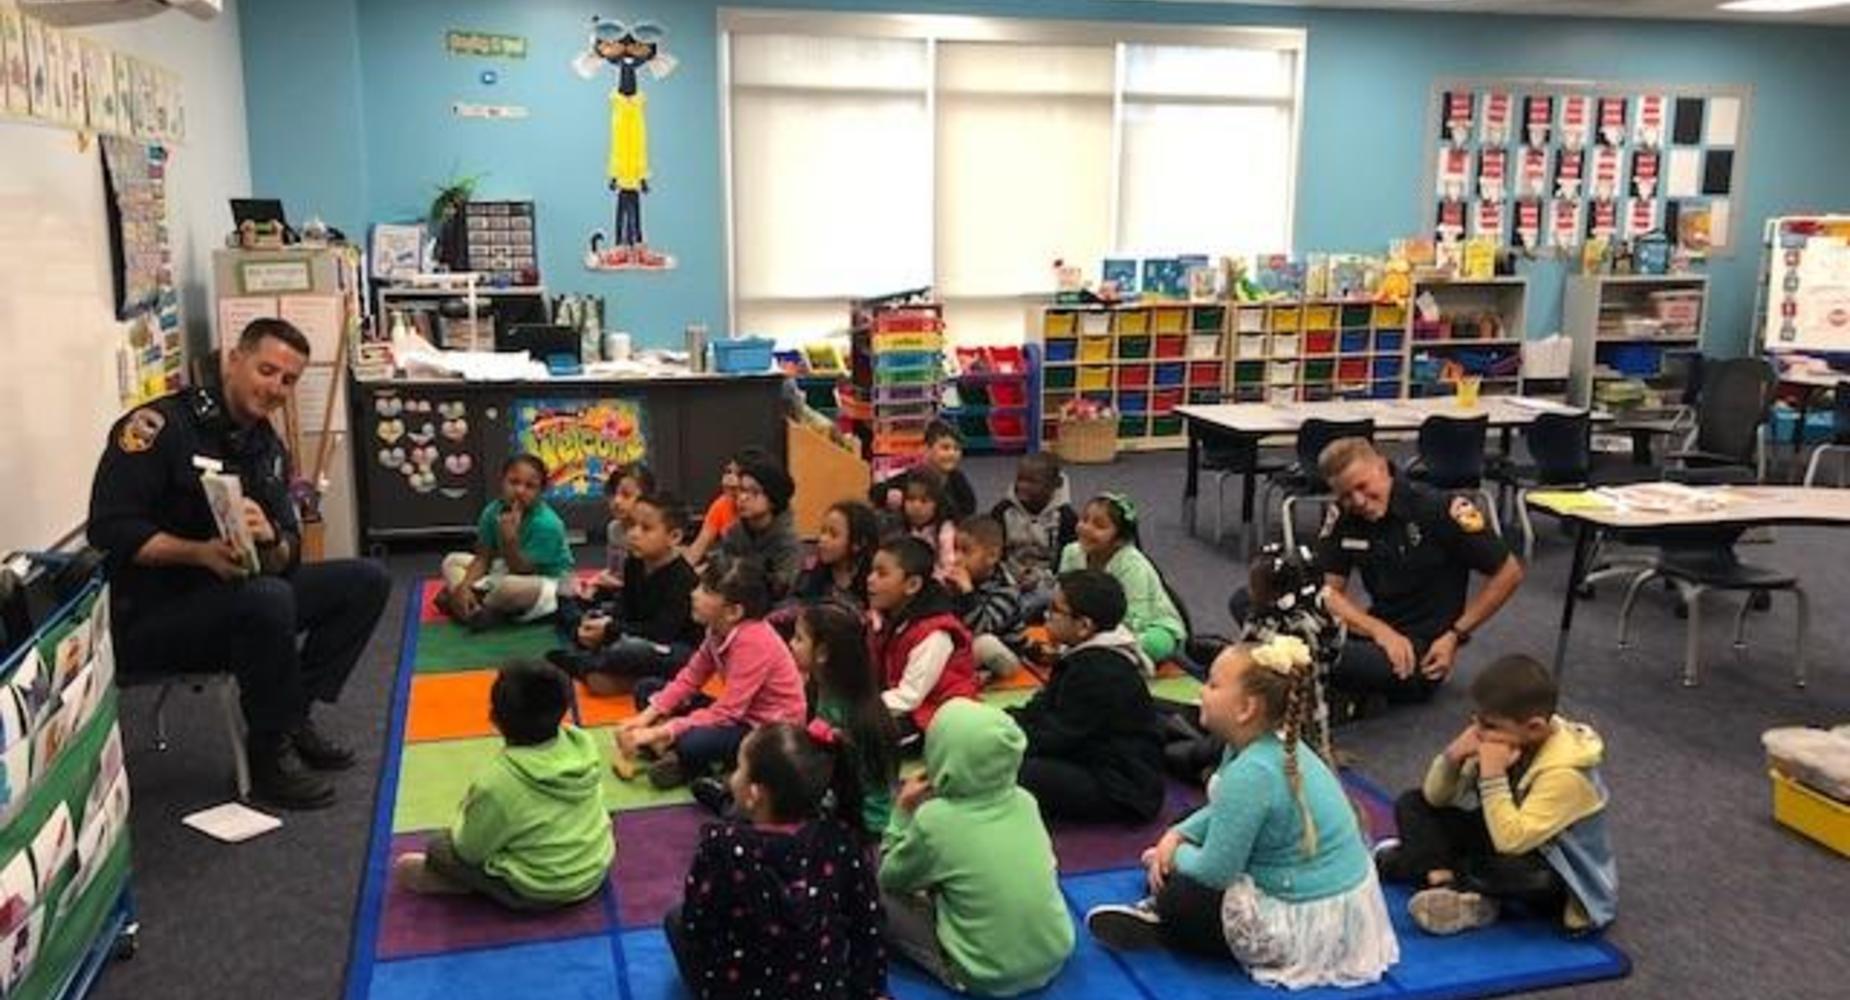 edgemont elementary school